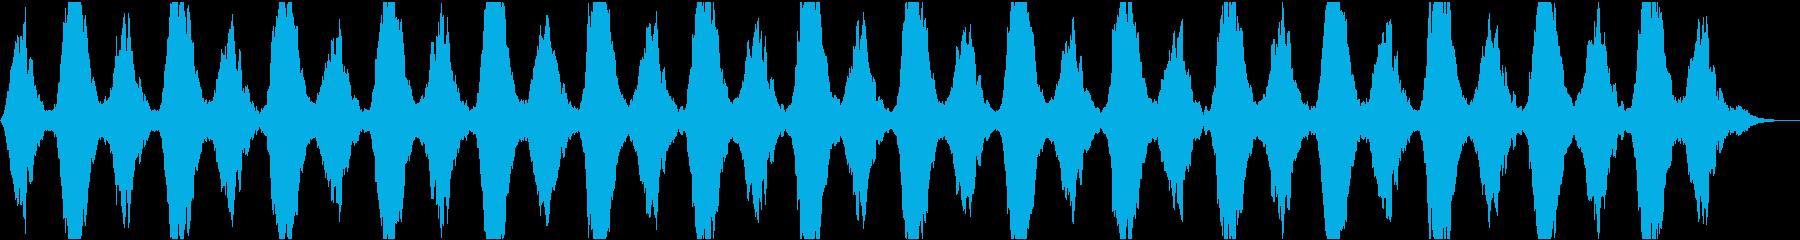 動画11 リラックス・スパ・施設・アプリの再生済みの波形